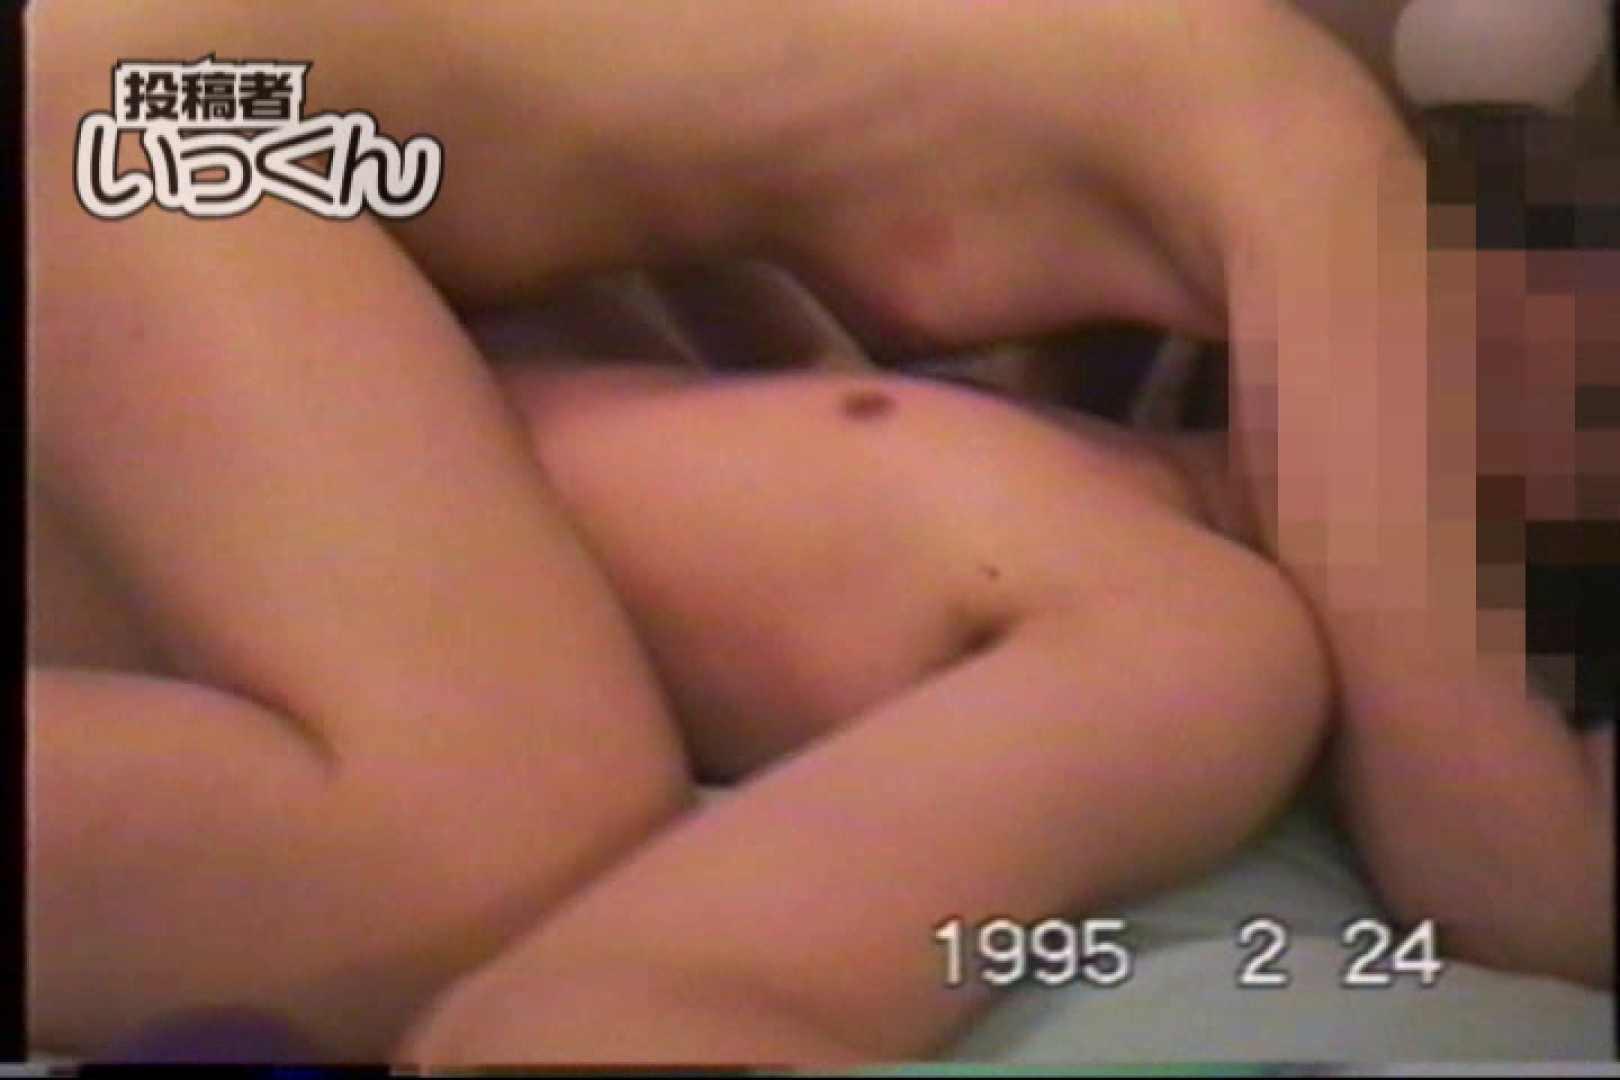 調教師いっくんの ちほ撮影バレ 盗撮 | 一般投稿  83pic 15